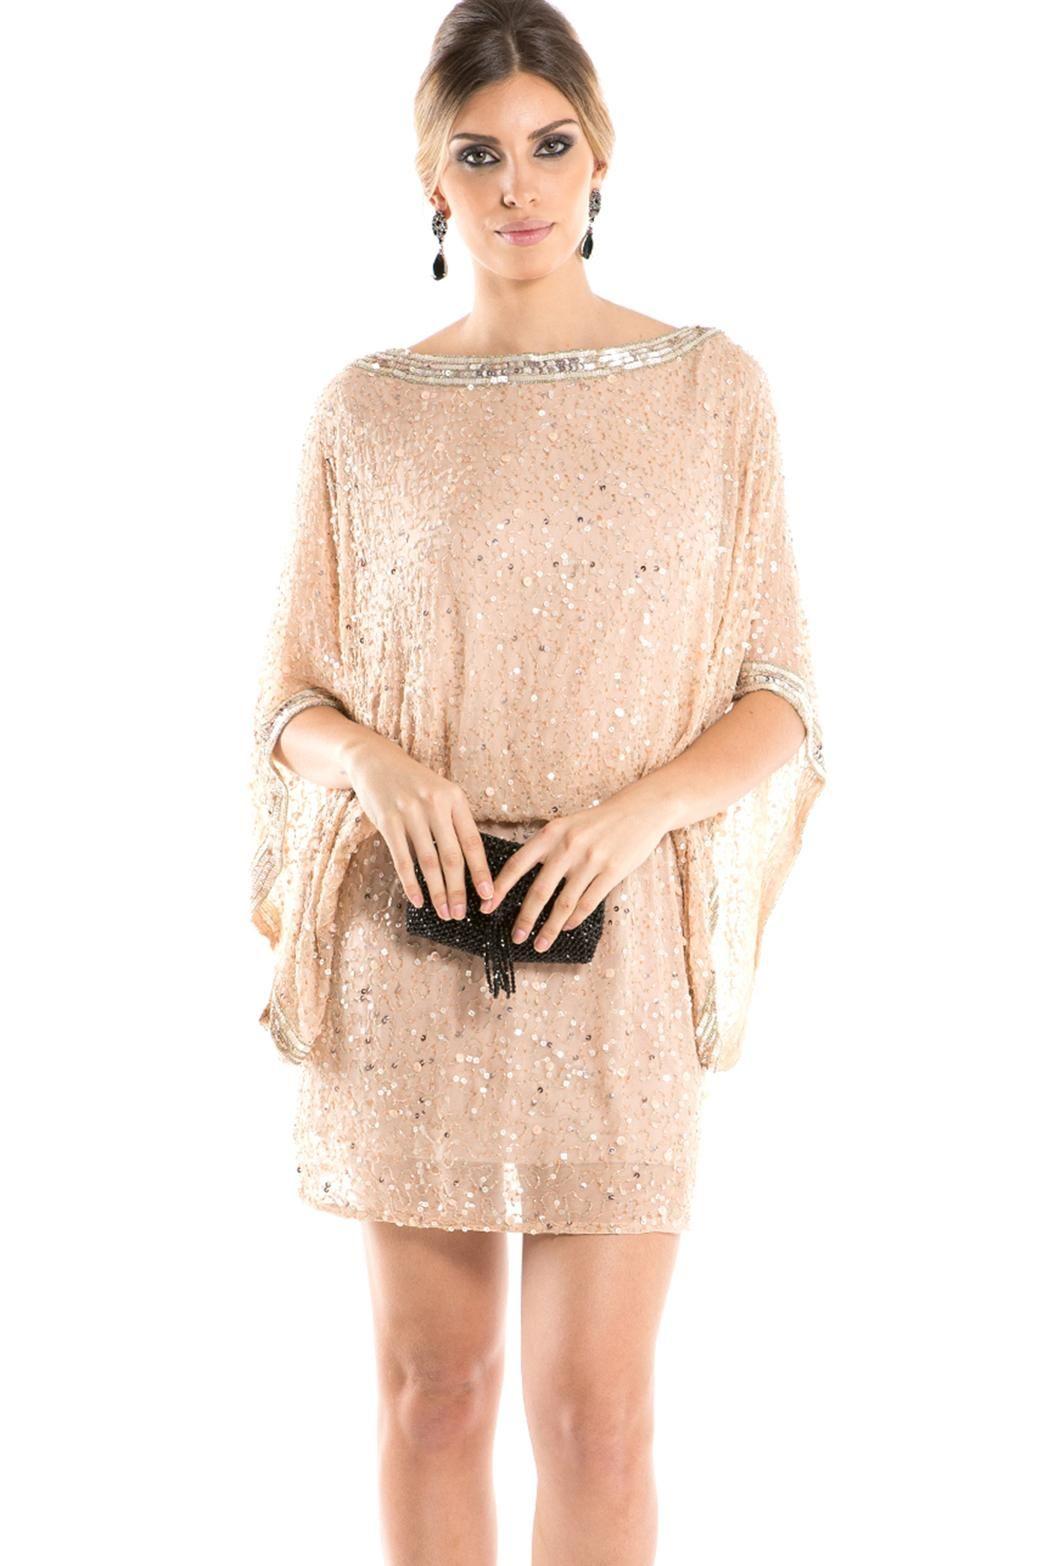 d533e19d3 Vestido rosê curto de seda bordada. Com modelagem larguinha, este vestido  serve bem em